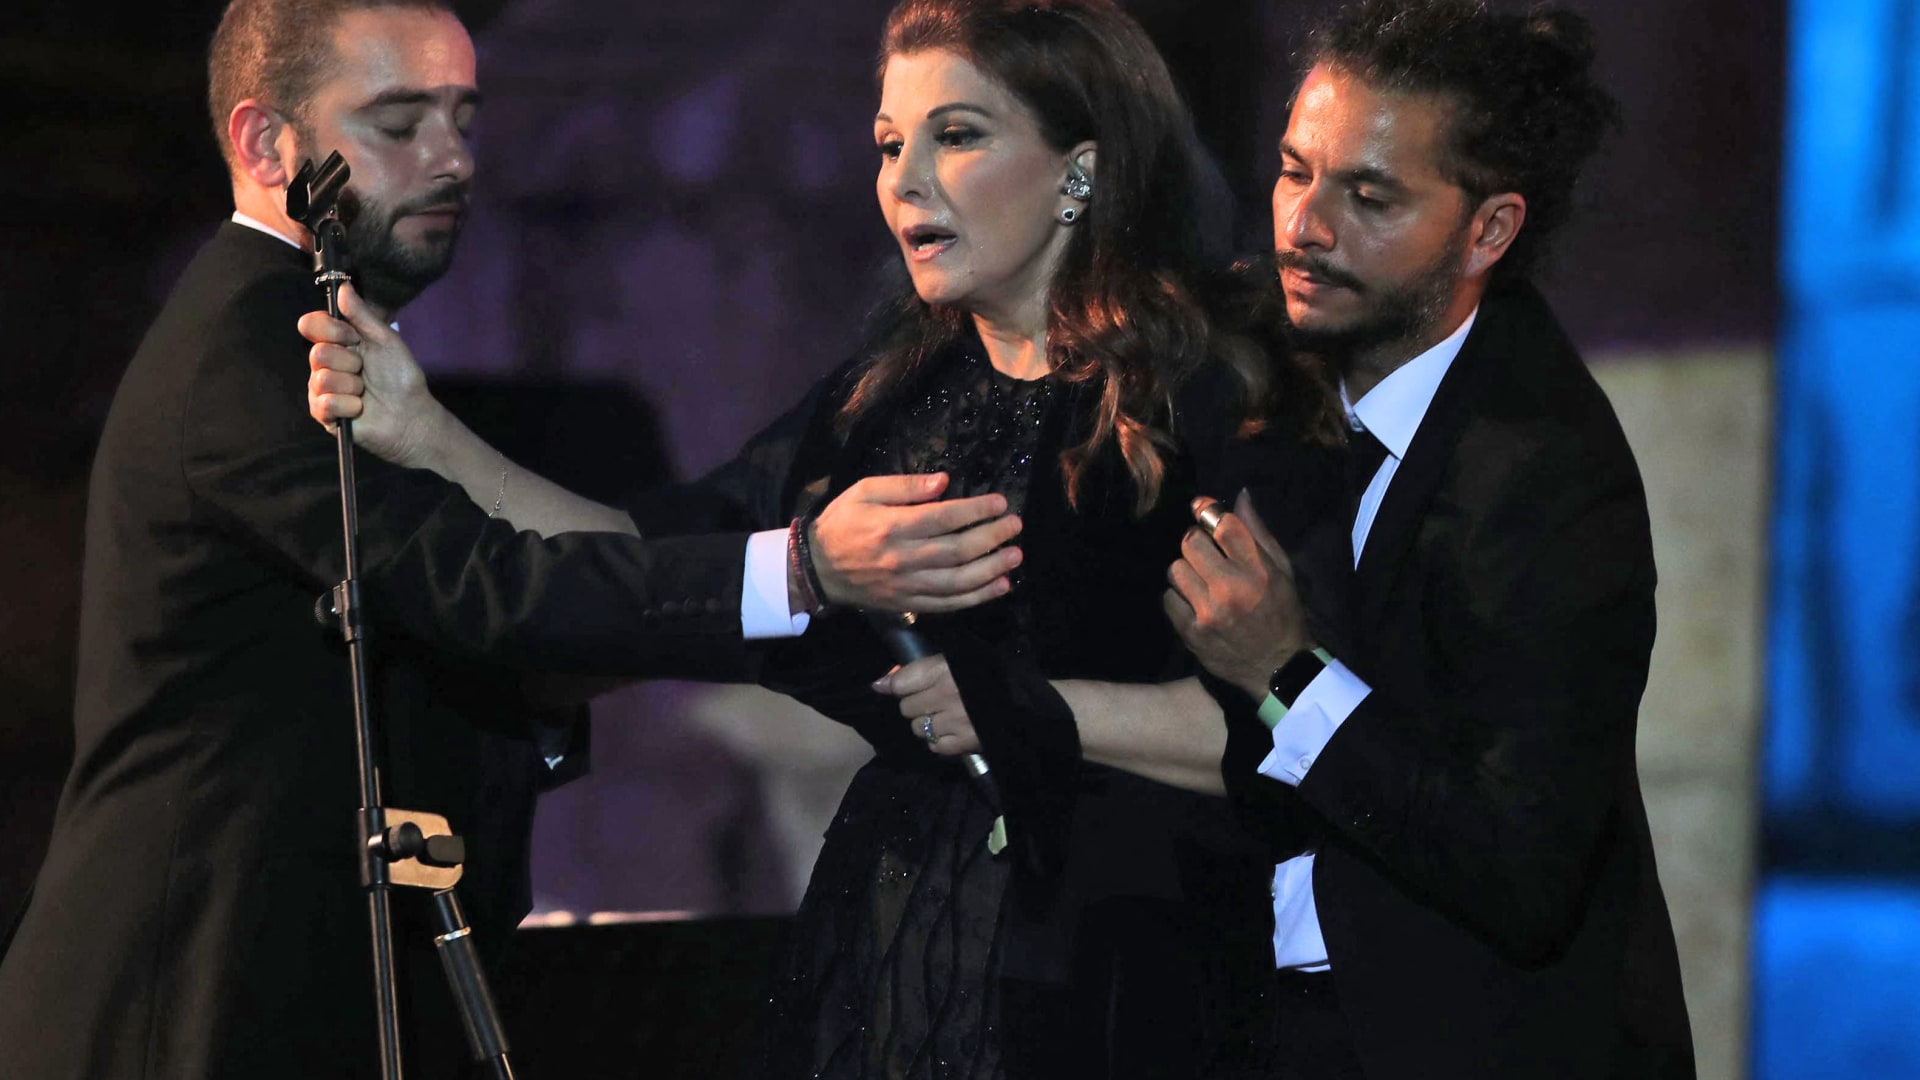 أول تعليق من الفنانة ماجدة الرومي بعد تعرضها لوعكة صحية على مسرح مهرجان جرش